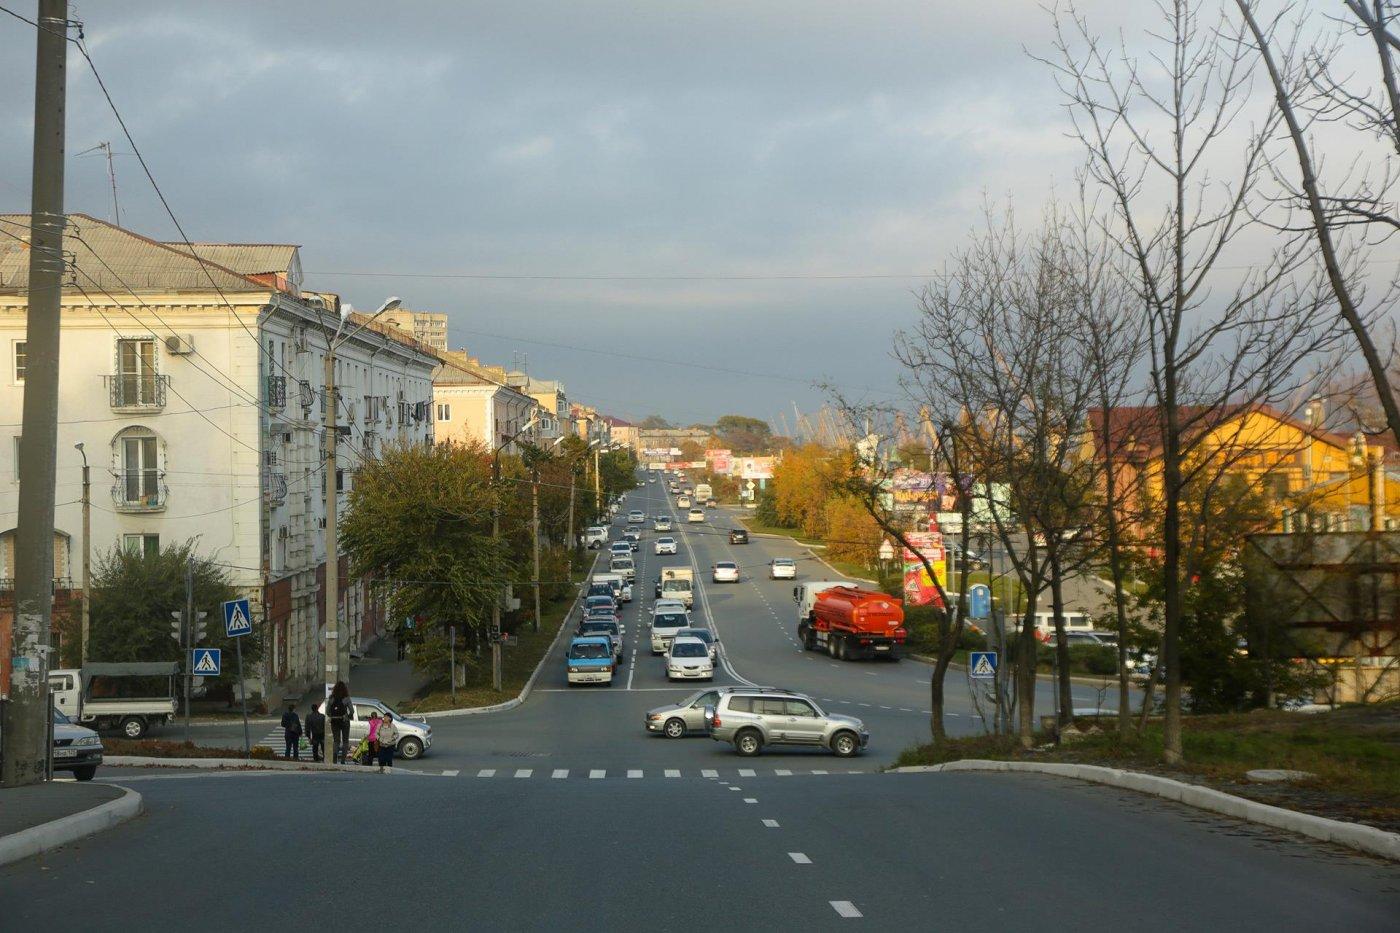 Фото 7989 (Copy).jpg. Россия, Приморский край, город Находка, Unnamed Road